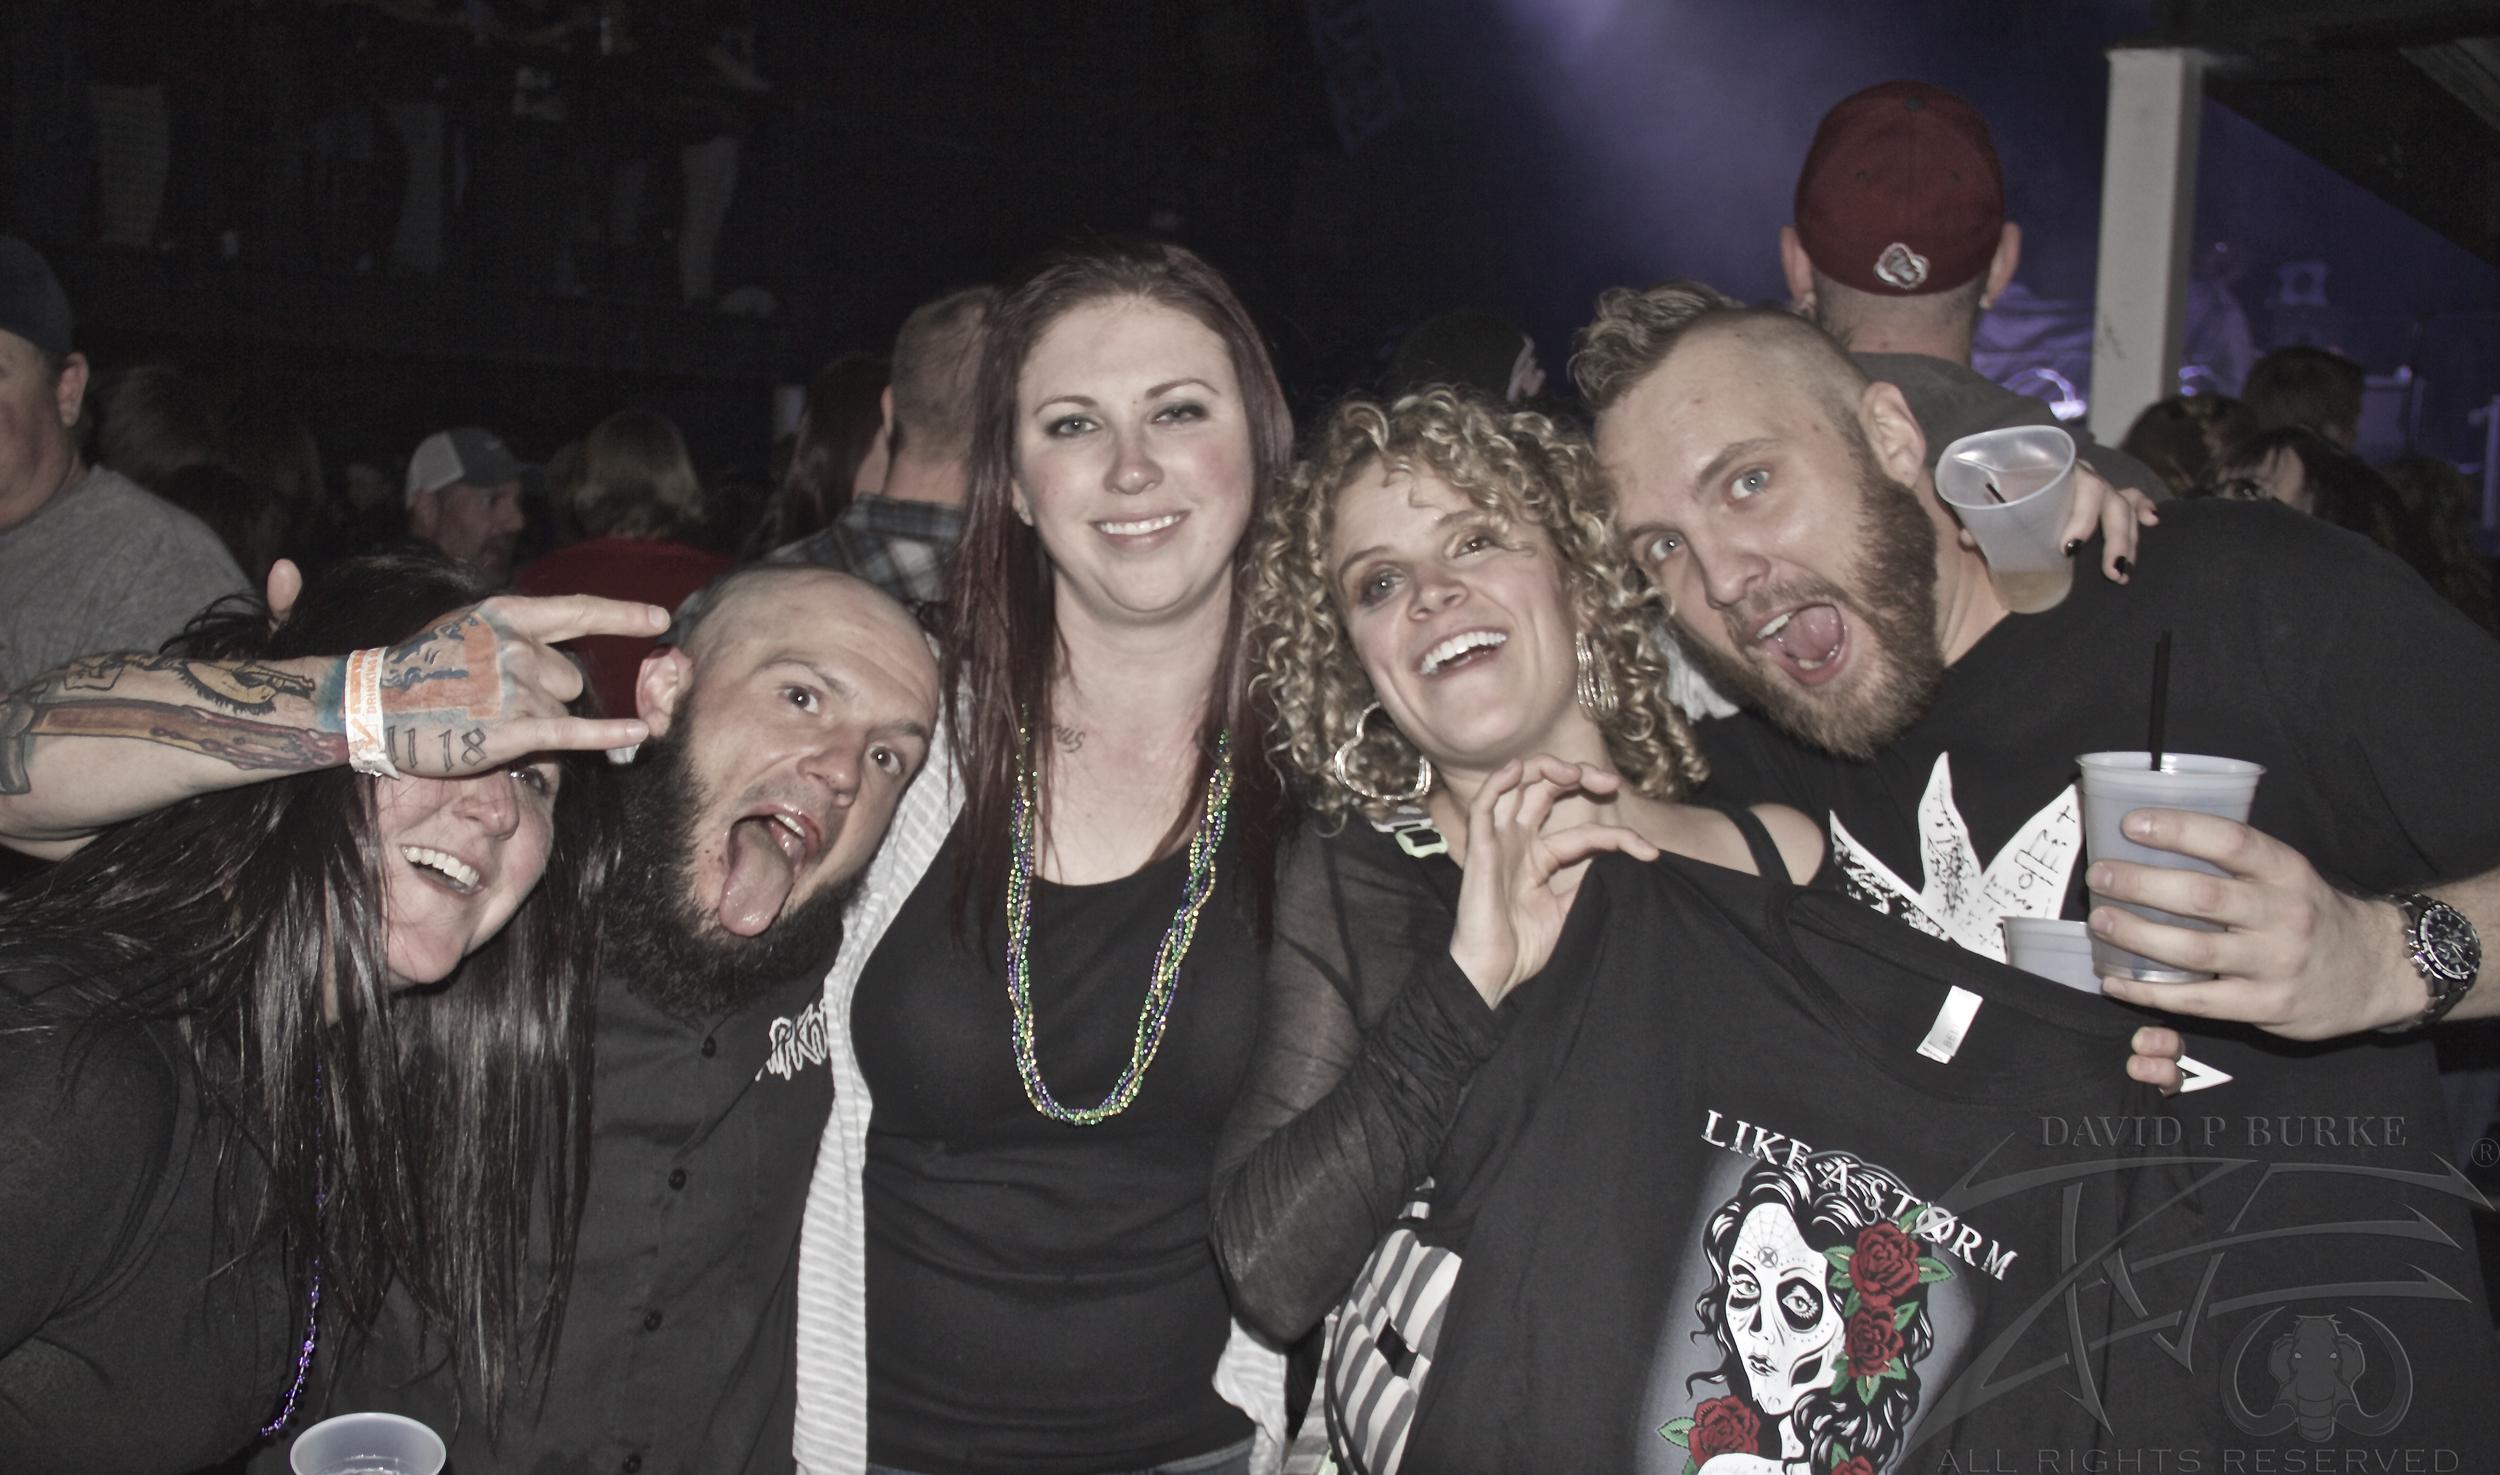 Hellyeah fans  photo: David Burke